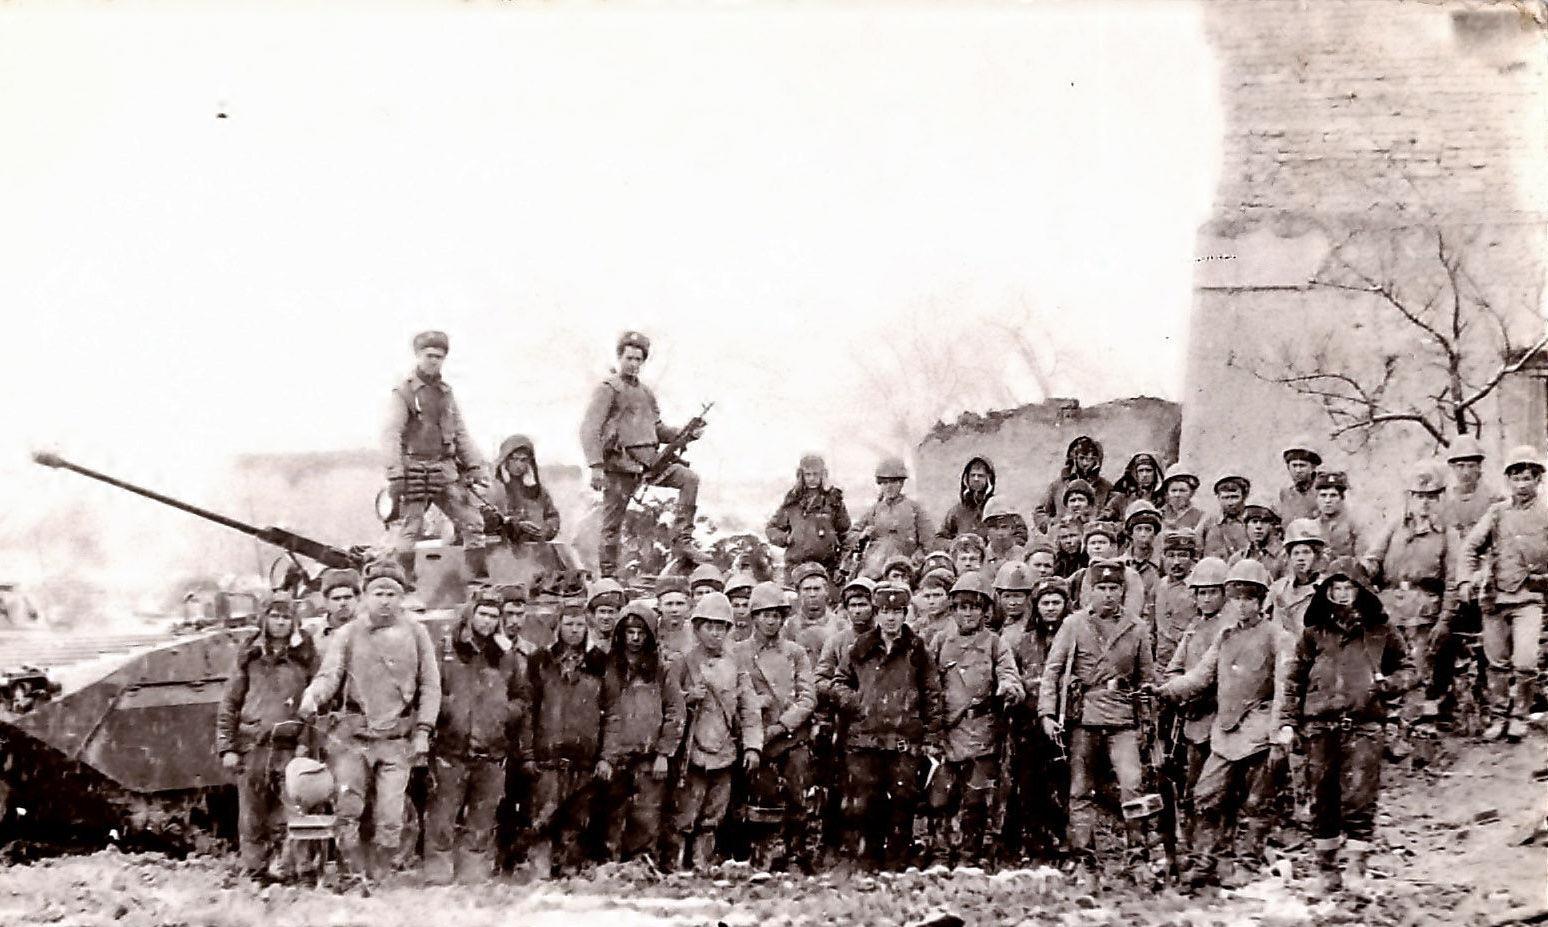 Фотография 2-й роты второго  мусульманского батальона в городе Гульбахор